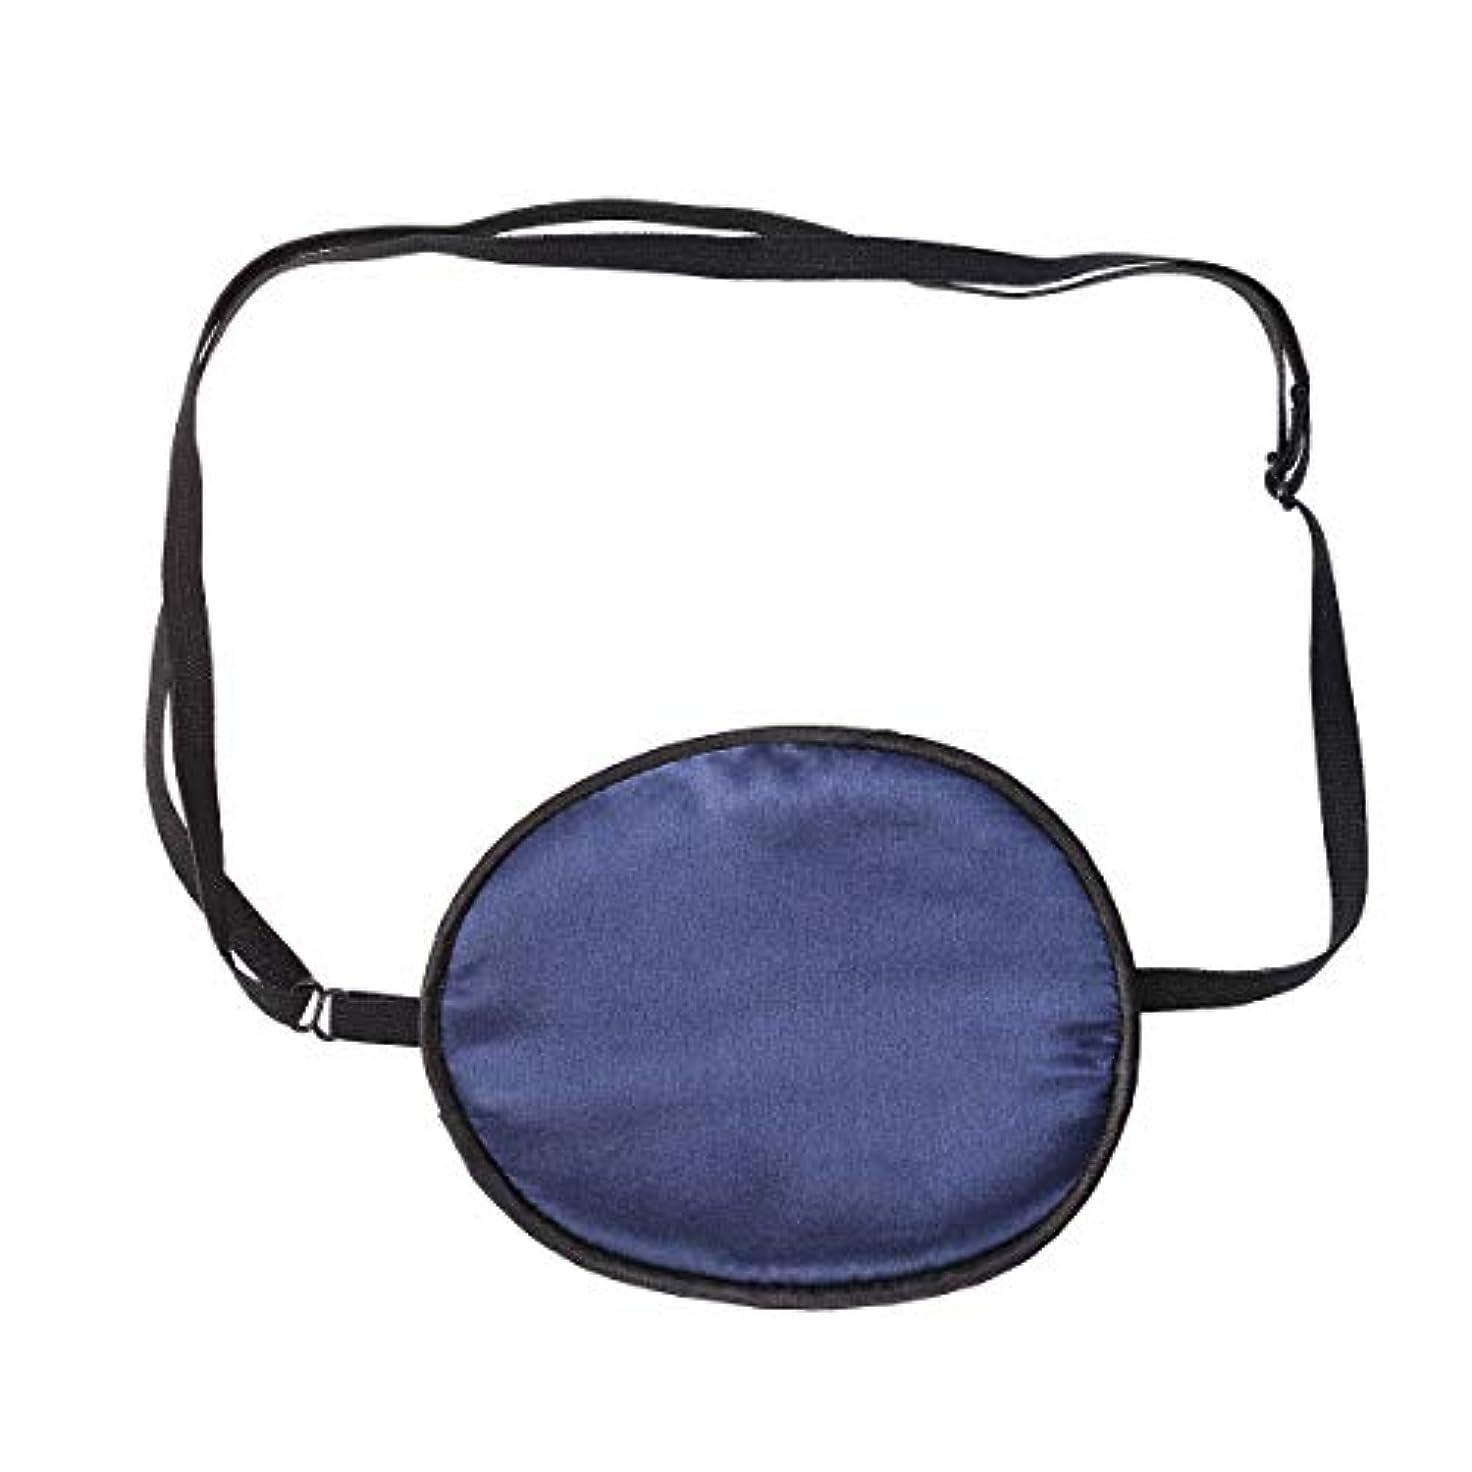 パールトラックカレンダーHealifty 弱視斜視用のアイパッチシングルアイマスク調節可能なアイカバー